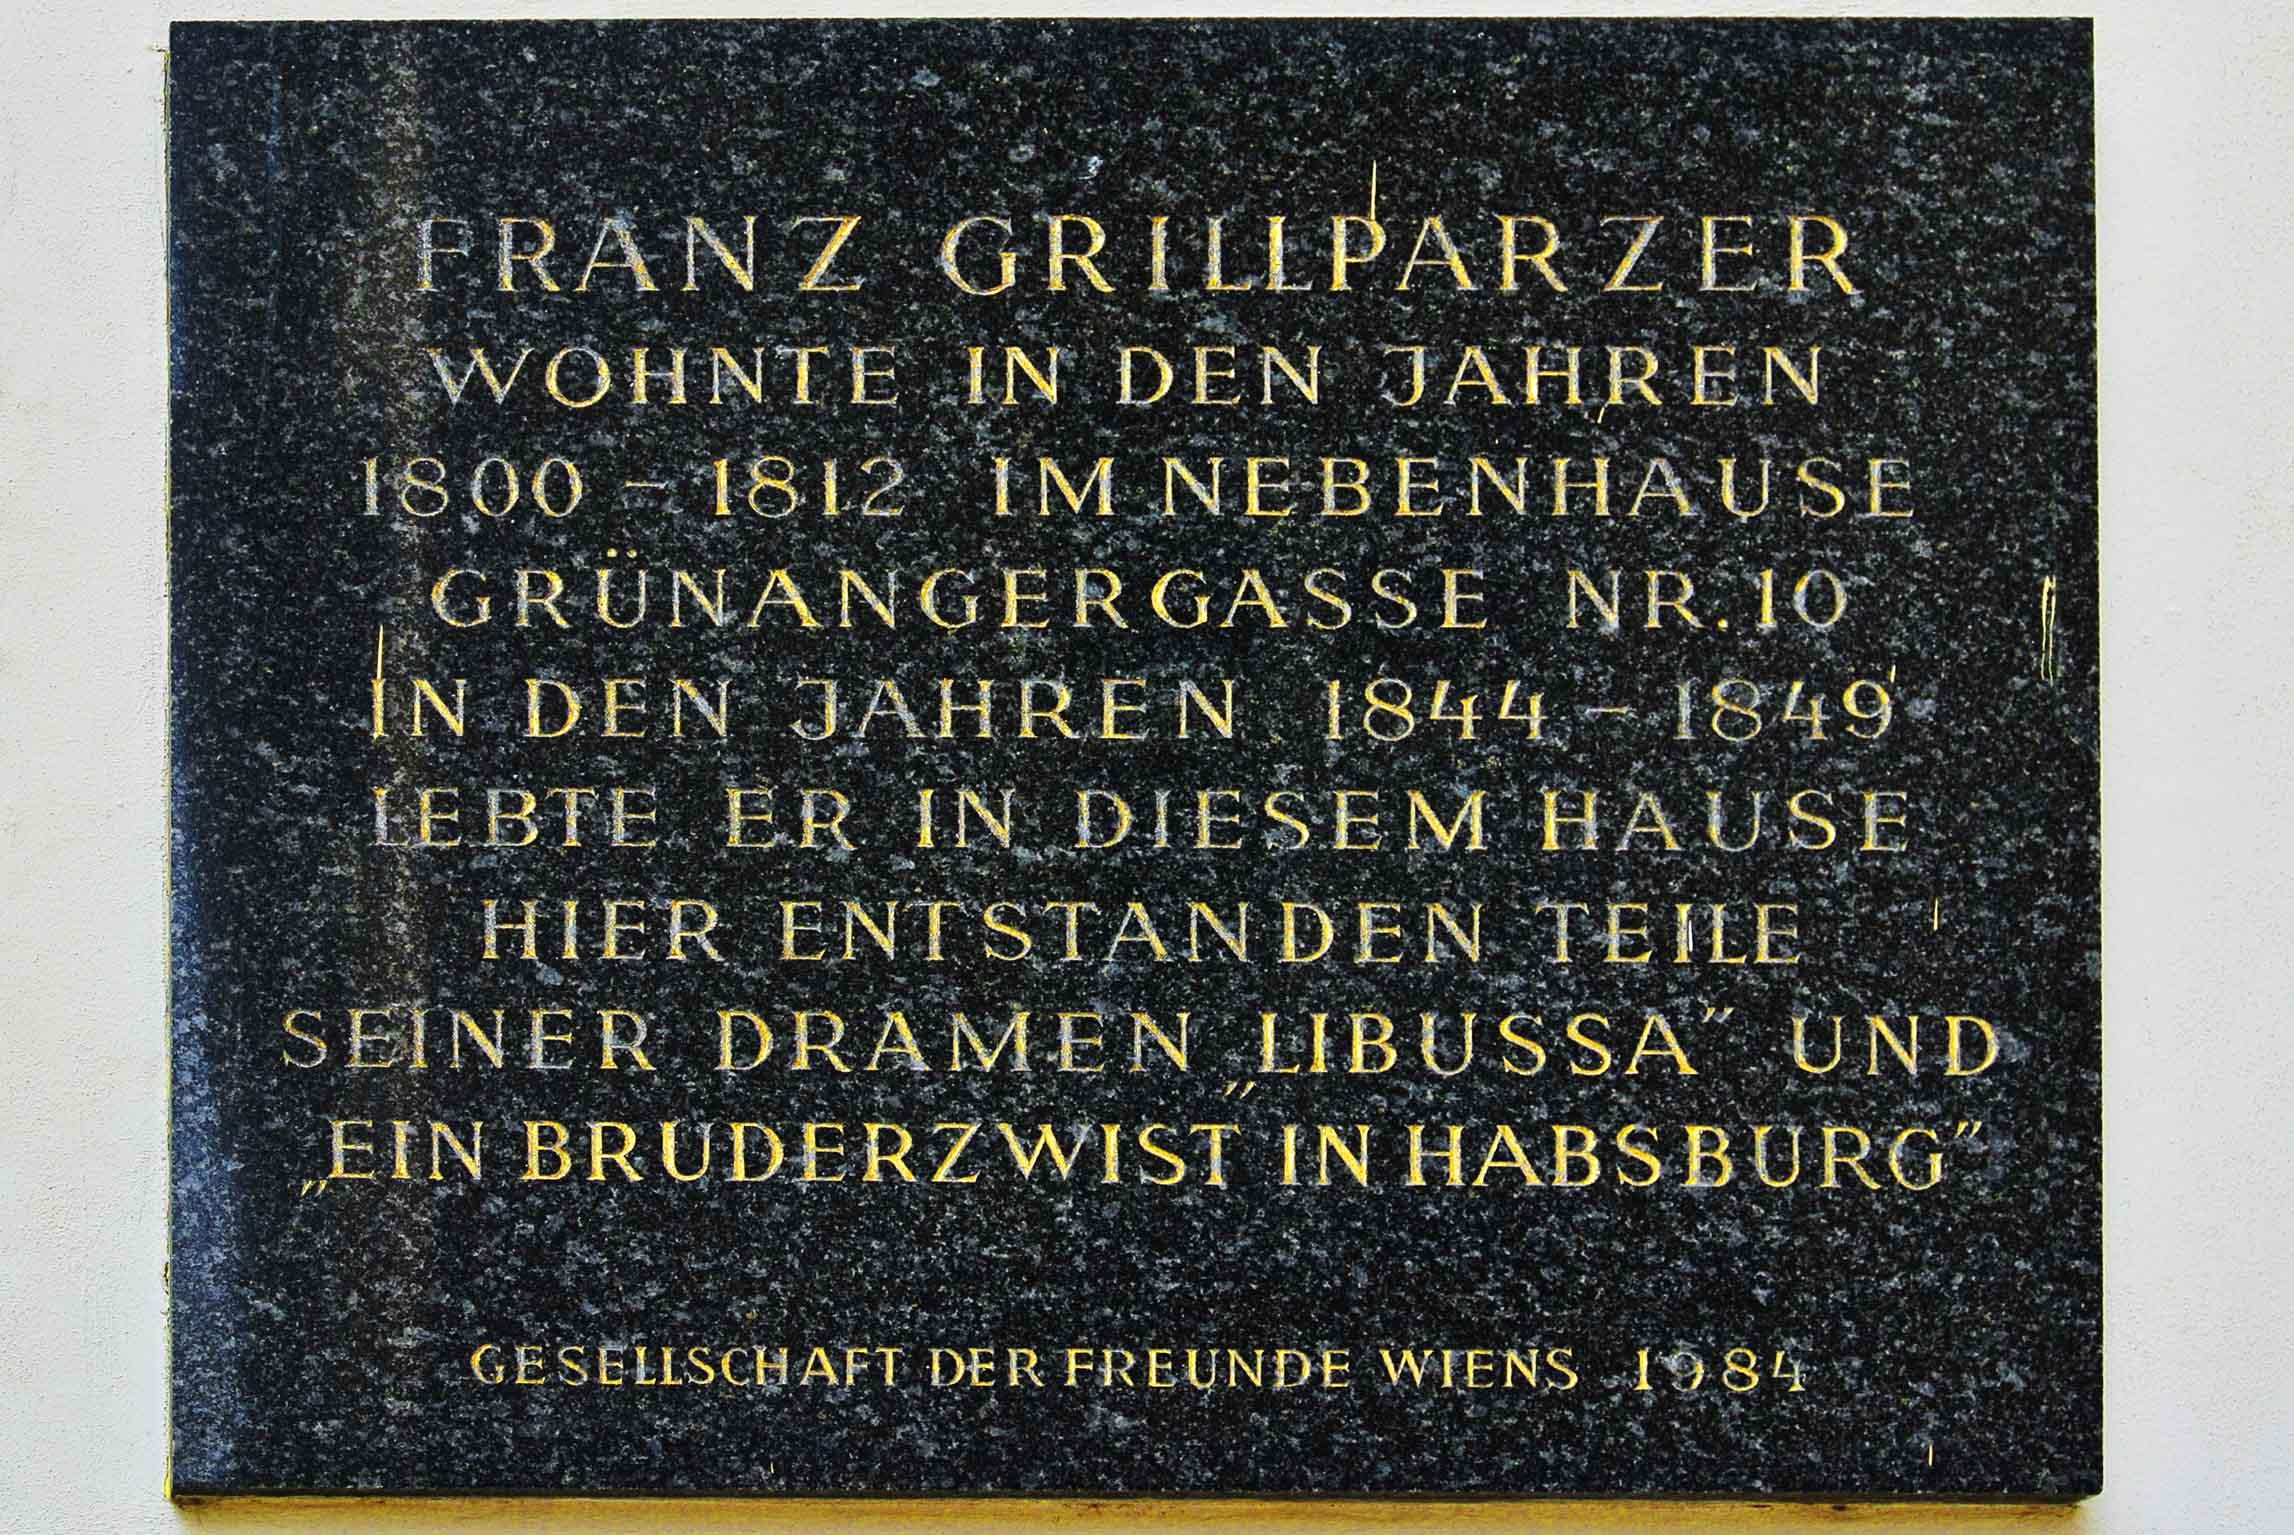 Franz Grillparzer-Gedenktafel, Vienna,Singerstraße-Grünangergasse,Innere Stadt.jpg